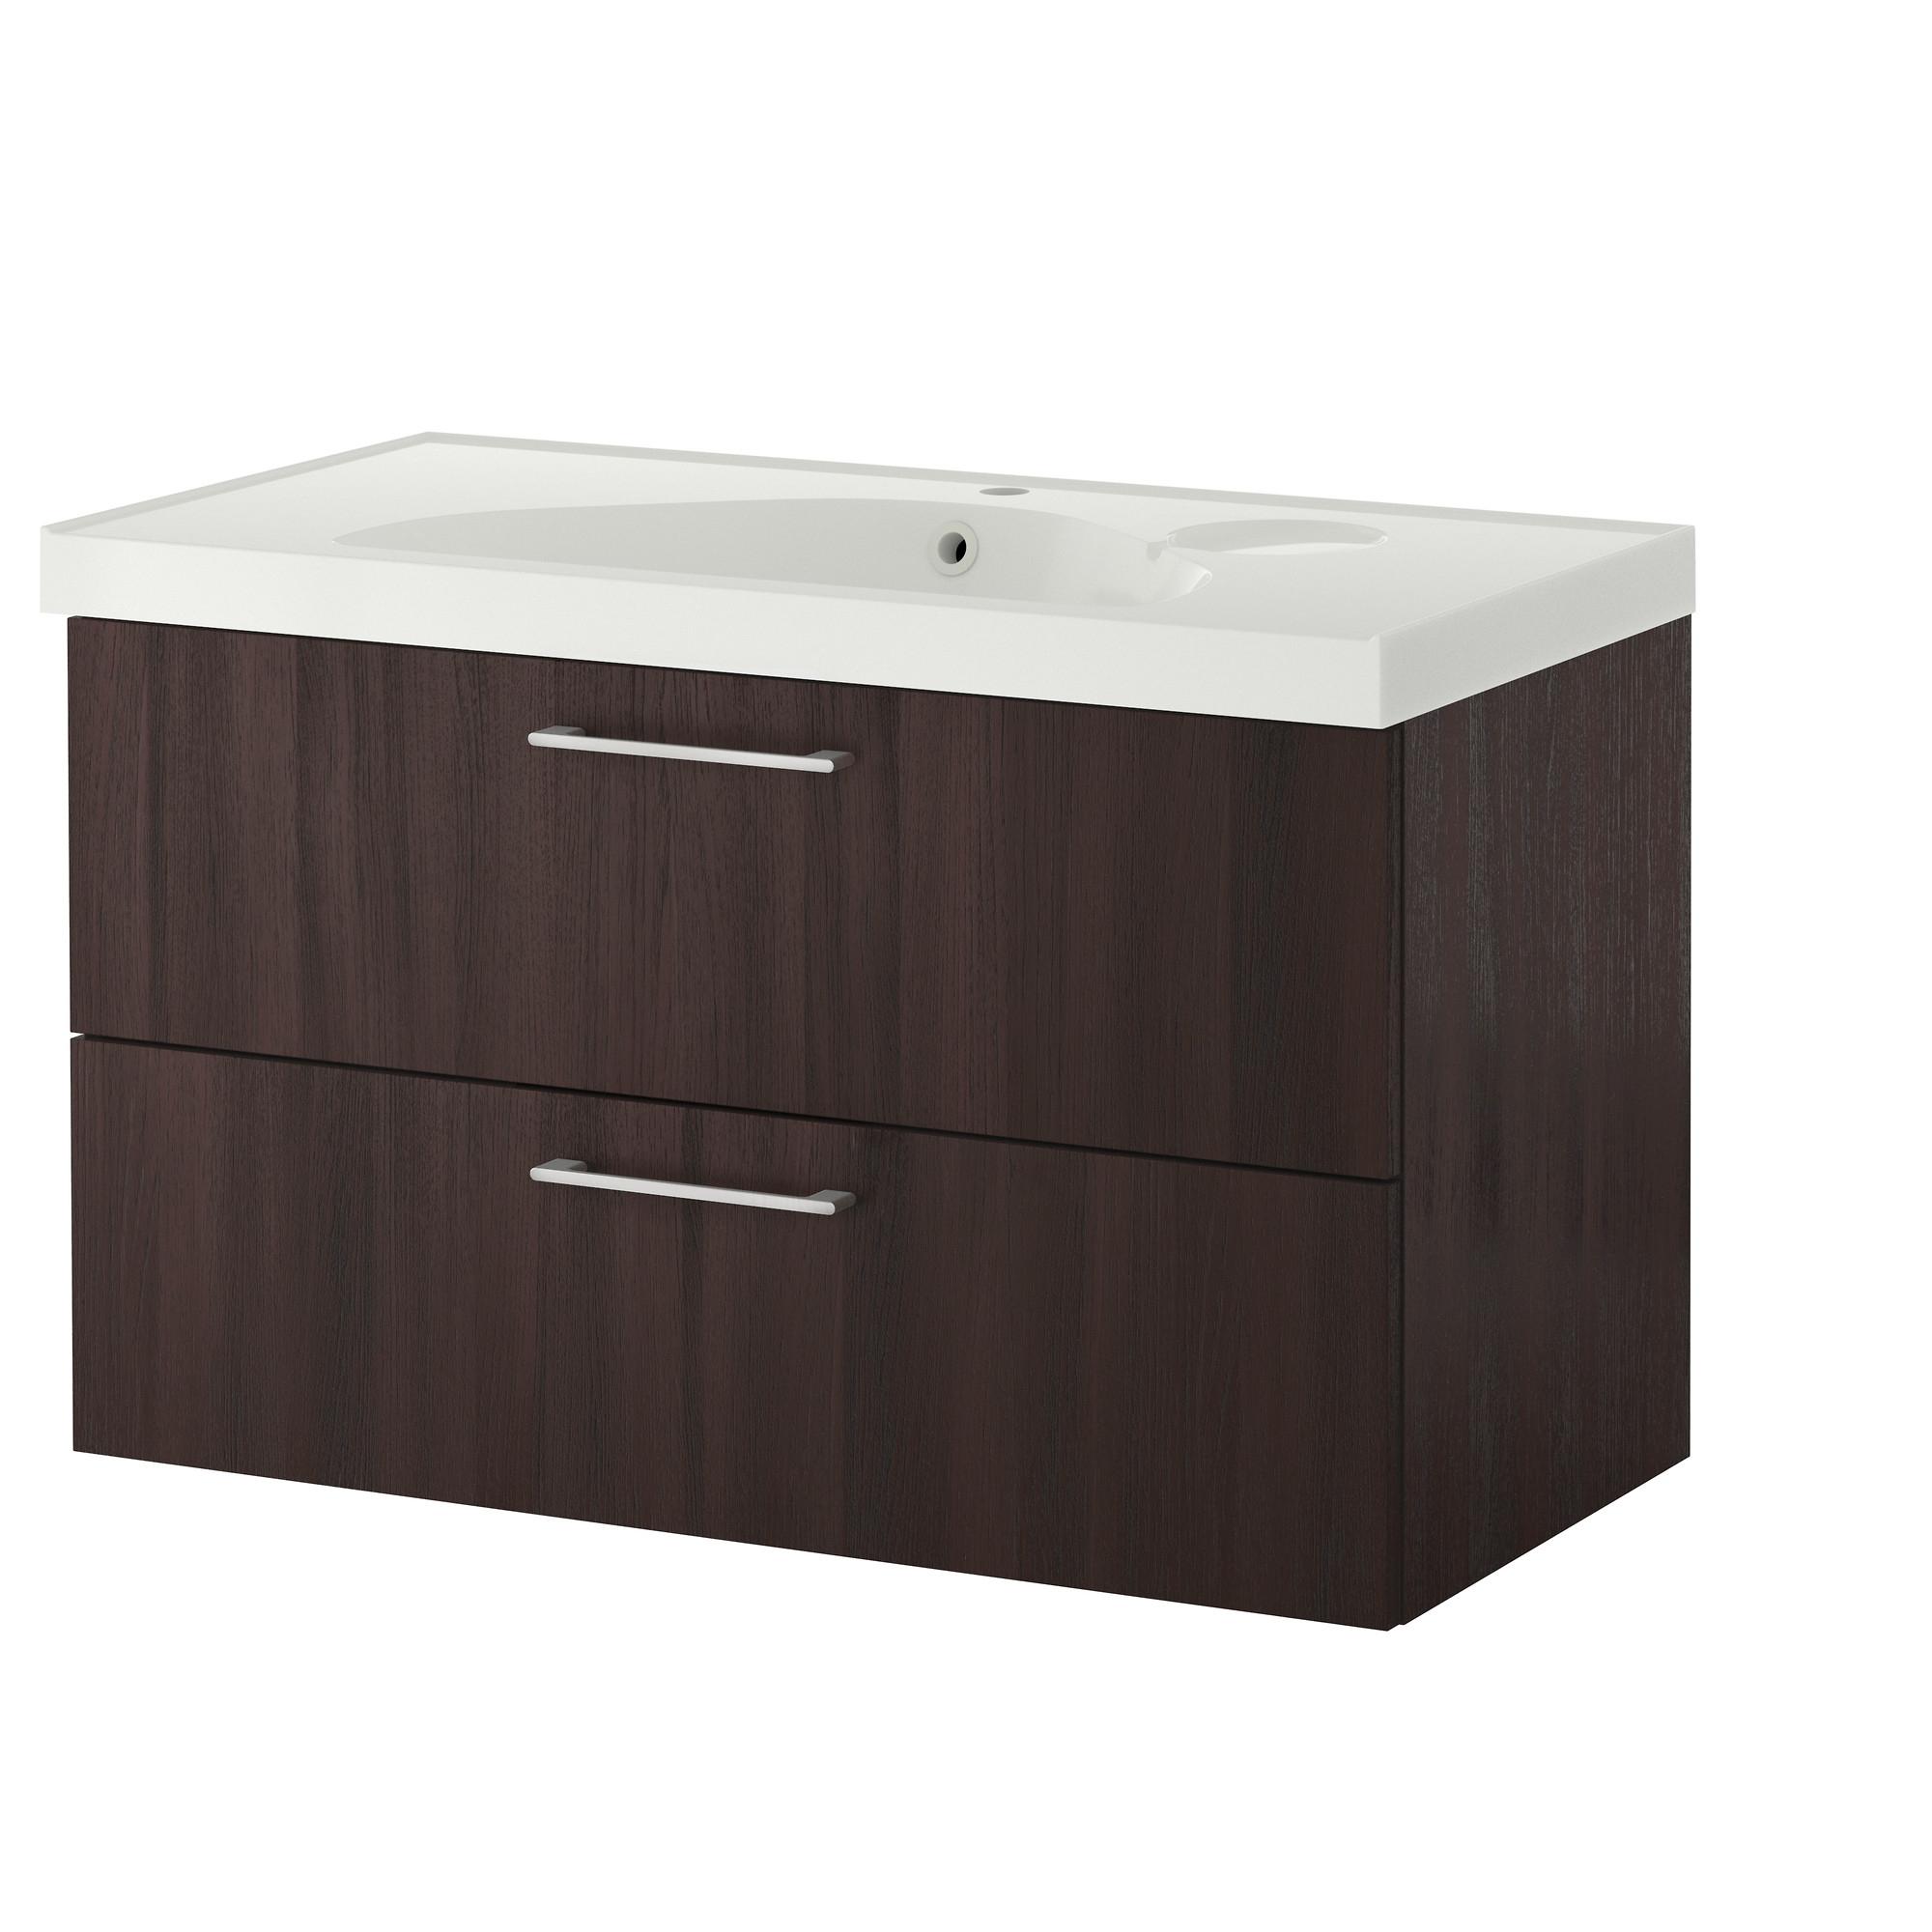 Muebles peque os - Armario lavabo ikea ...